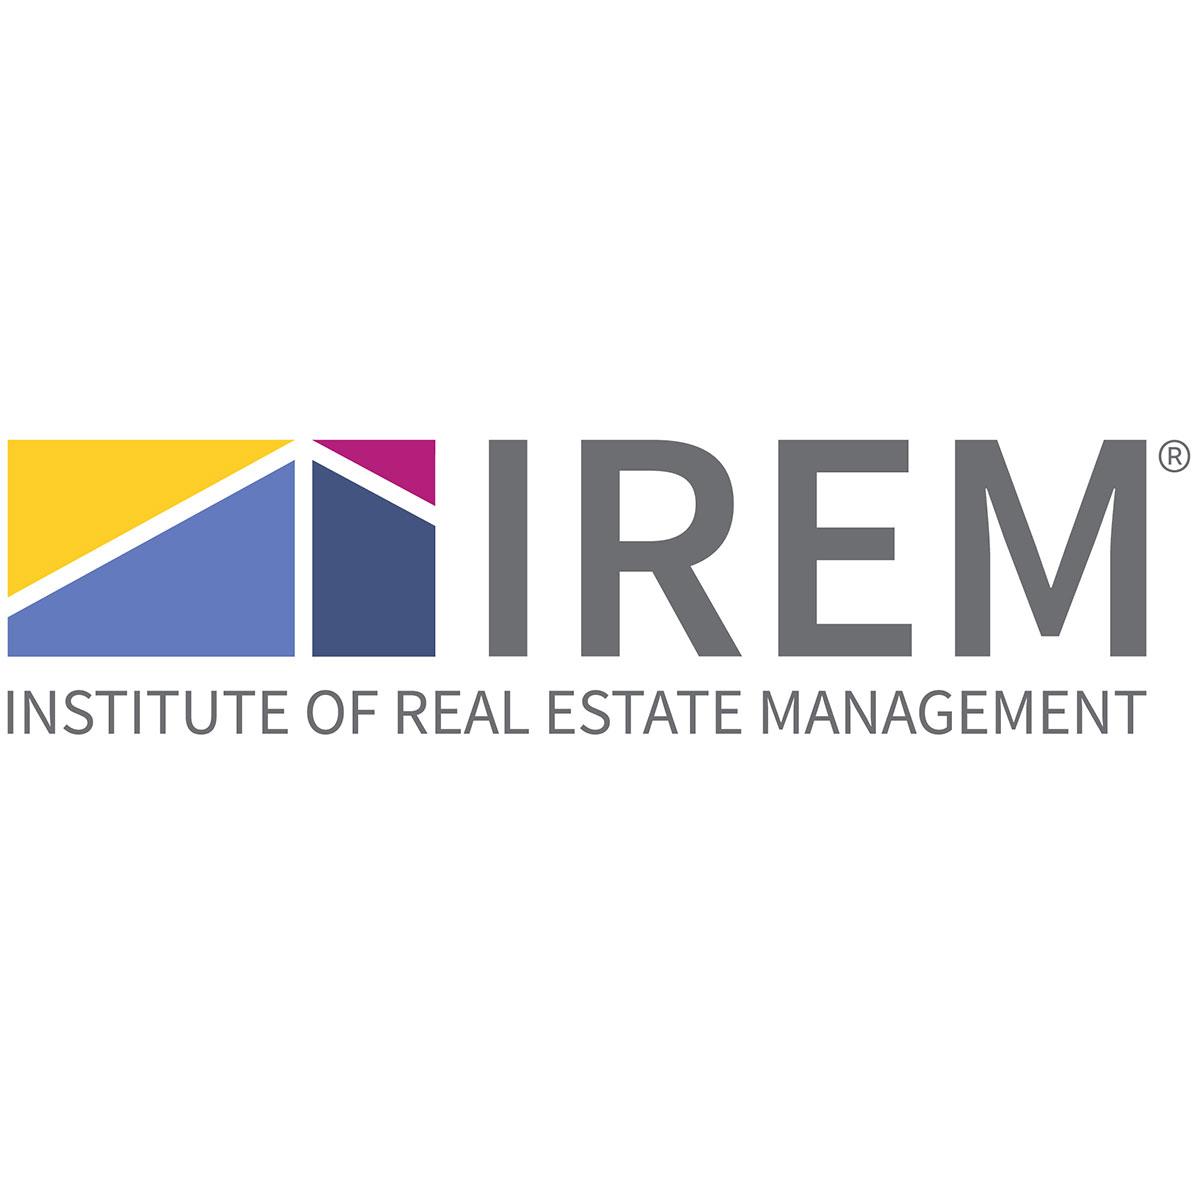 Institute of Real Estate Management